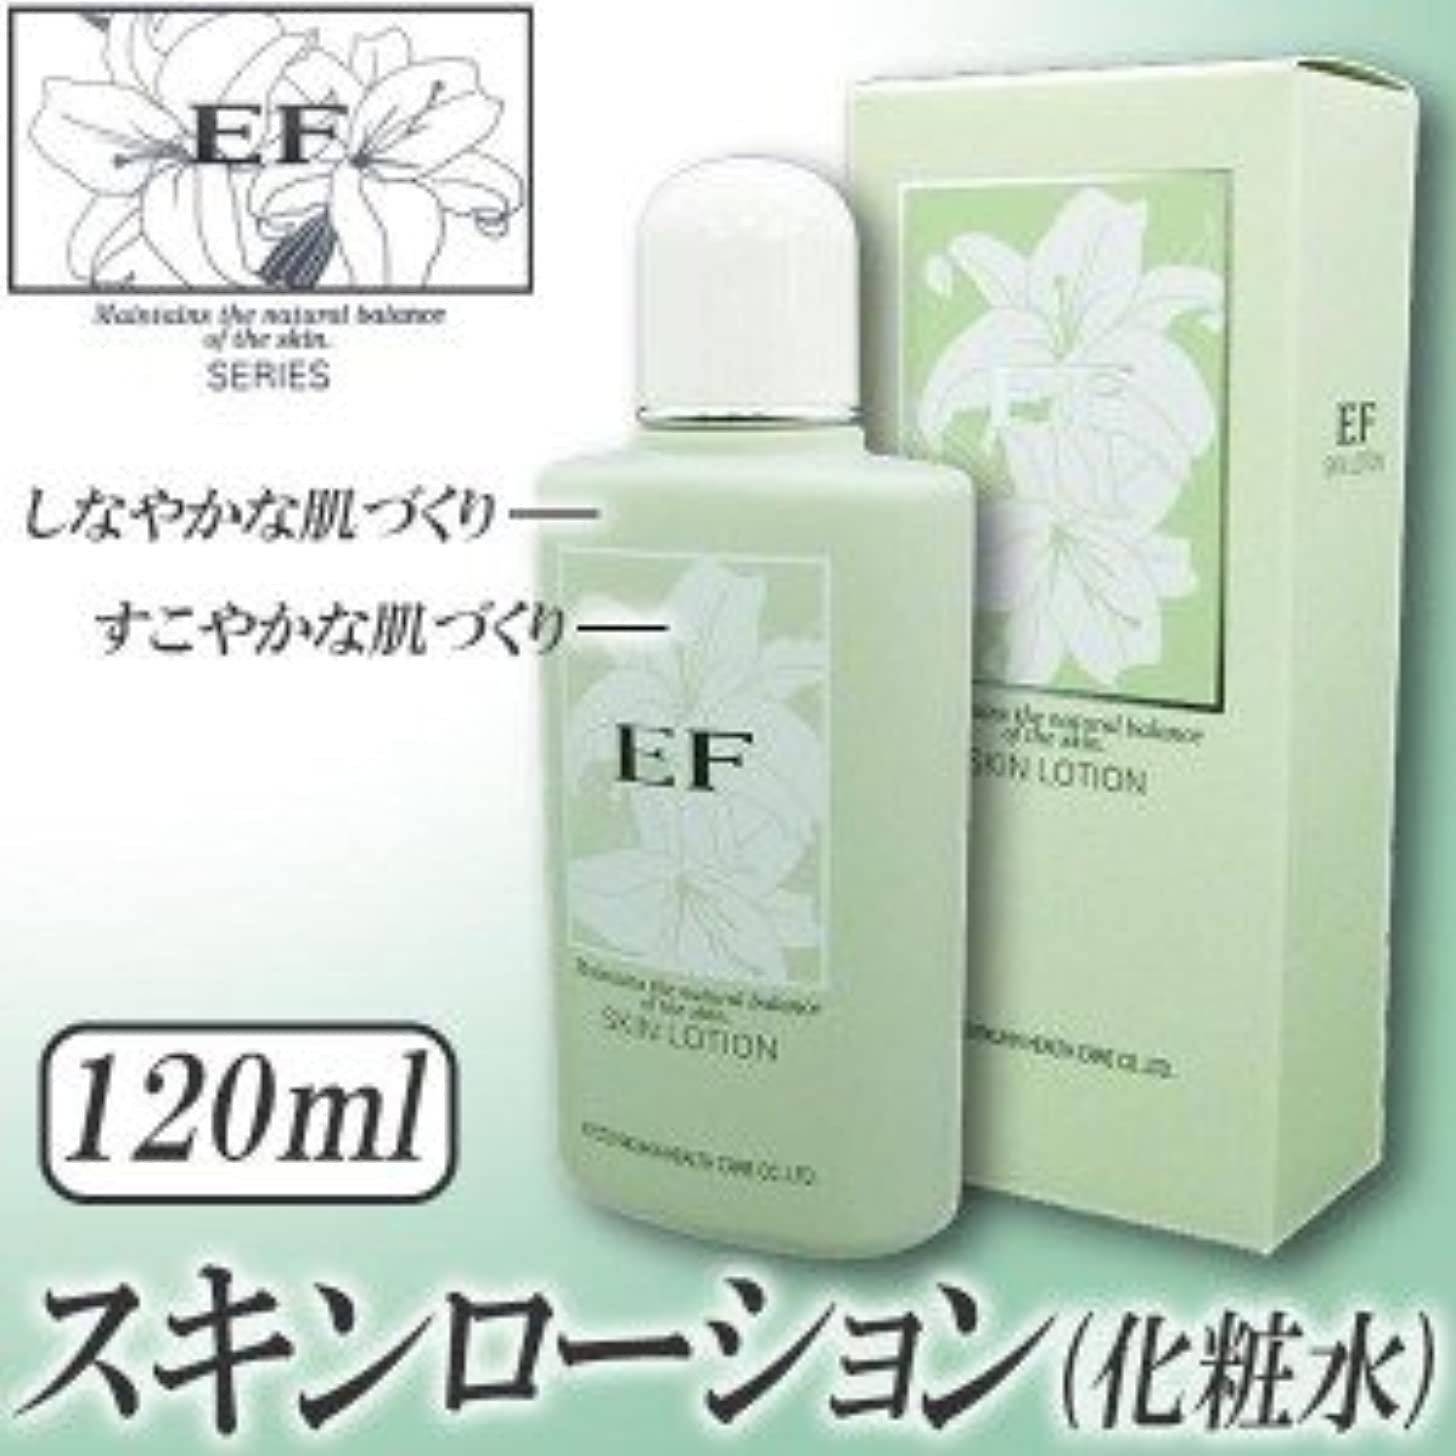 黒血不信EFスキンローション(化粧水) 120mL